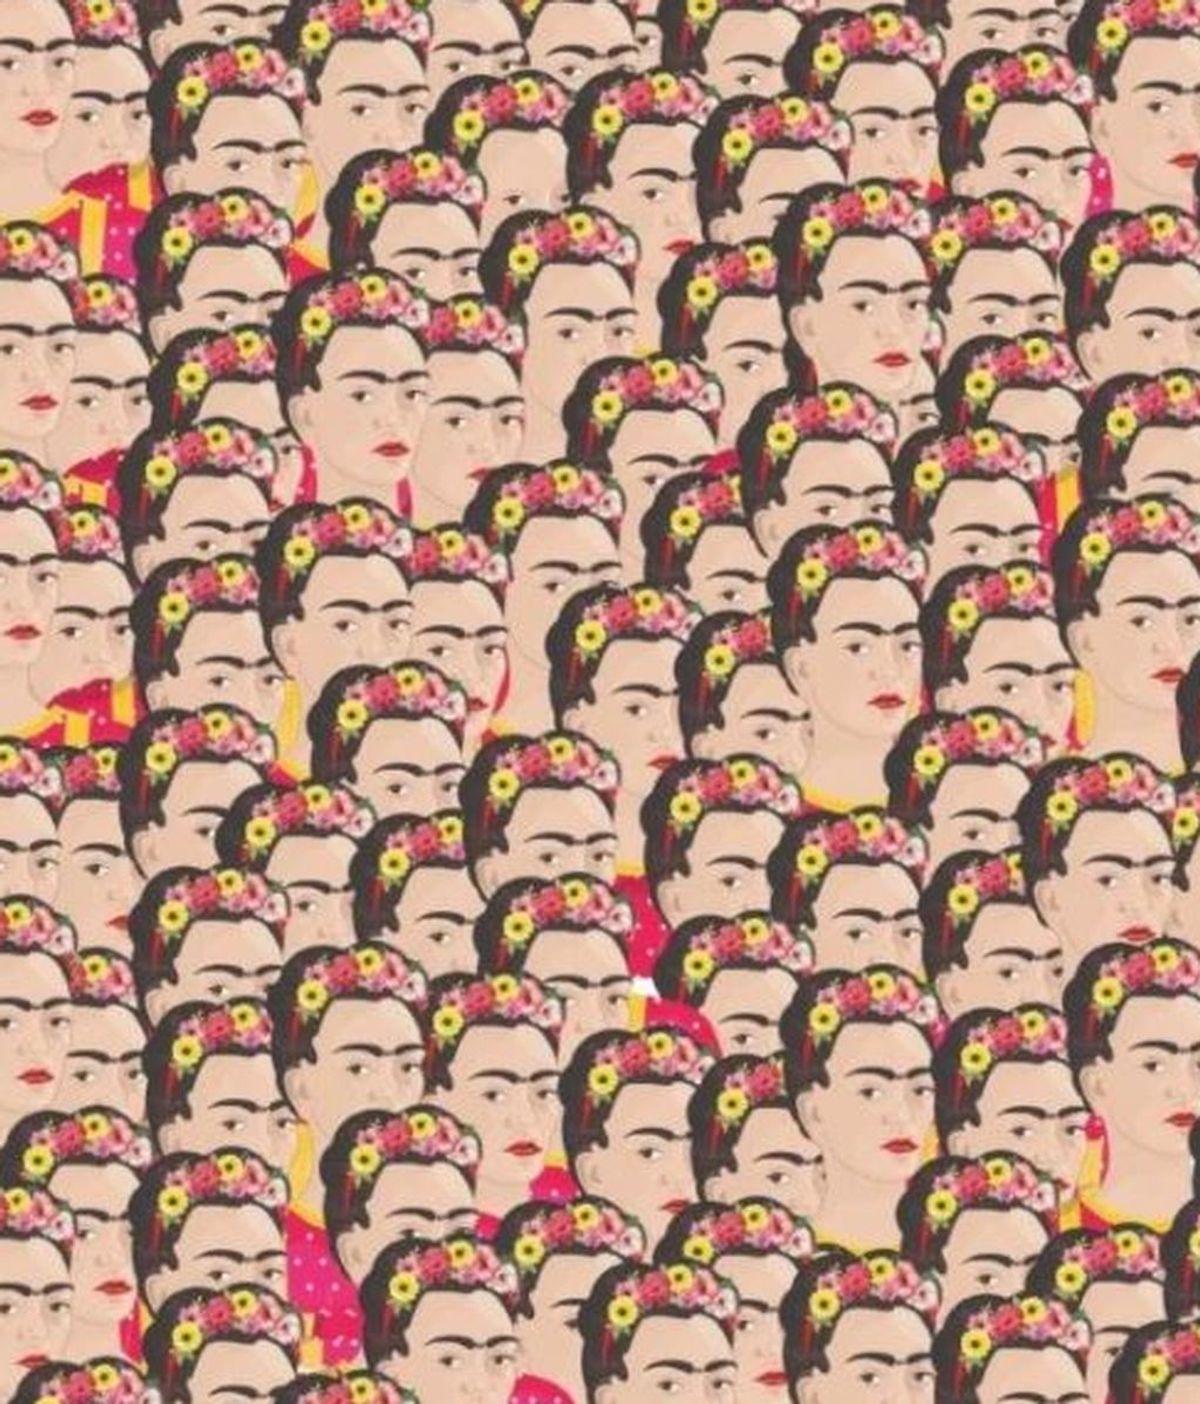 Prueba tu agilidad mental: encuentra a la Frida Kahlo sin cejas en menos de 10 segundos